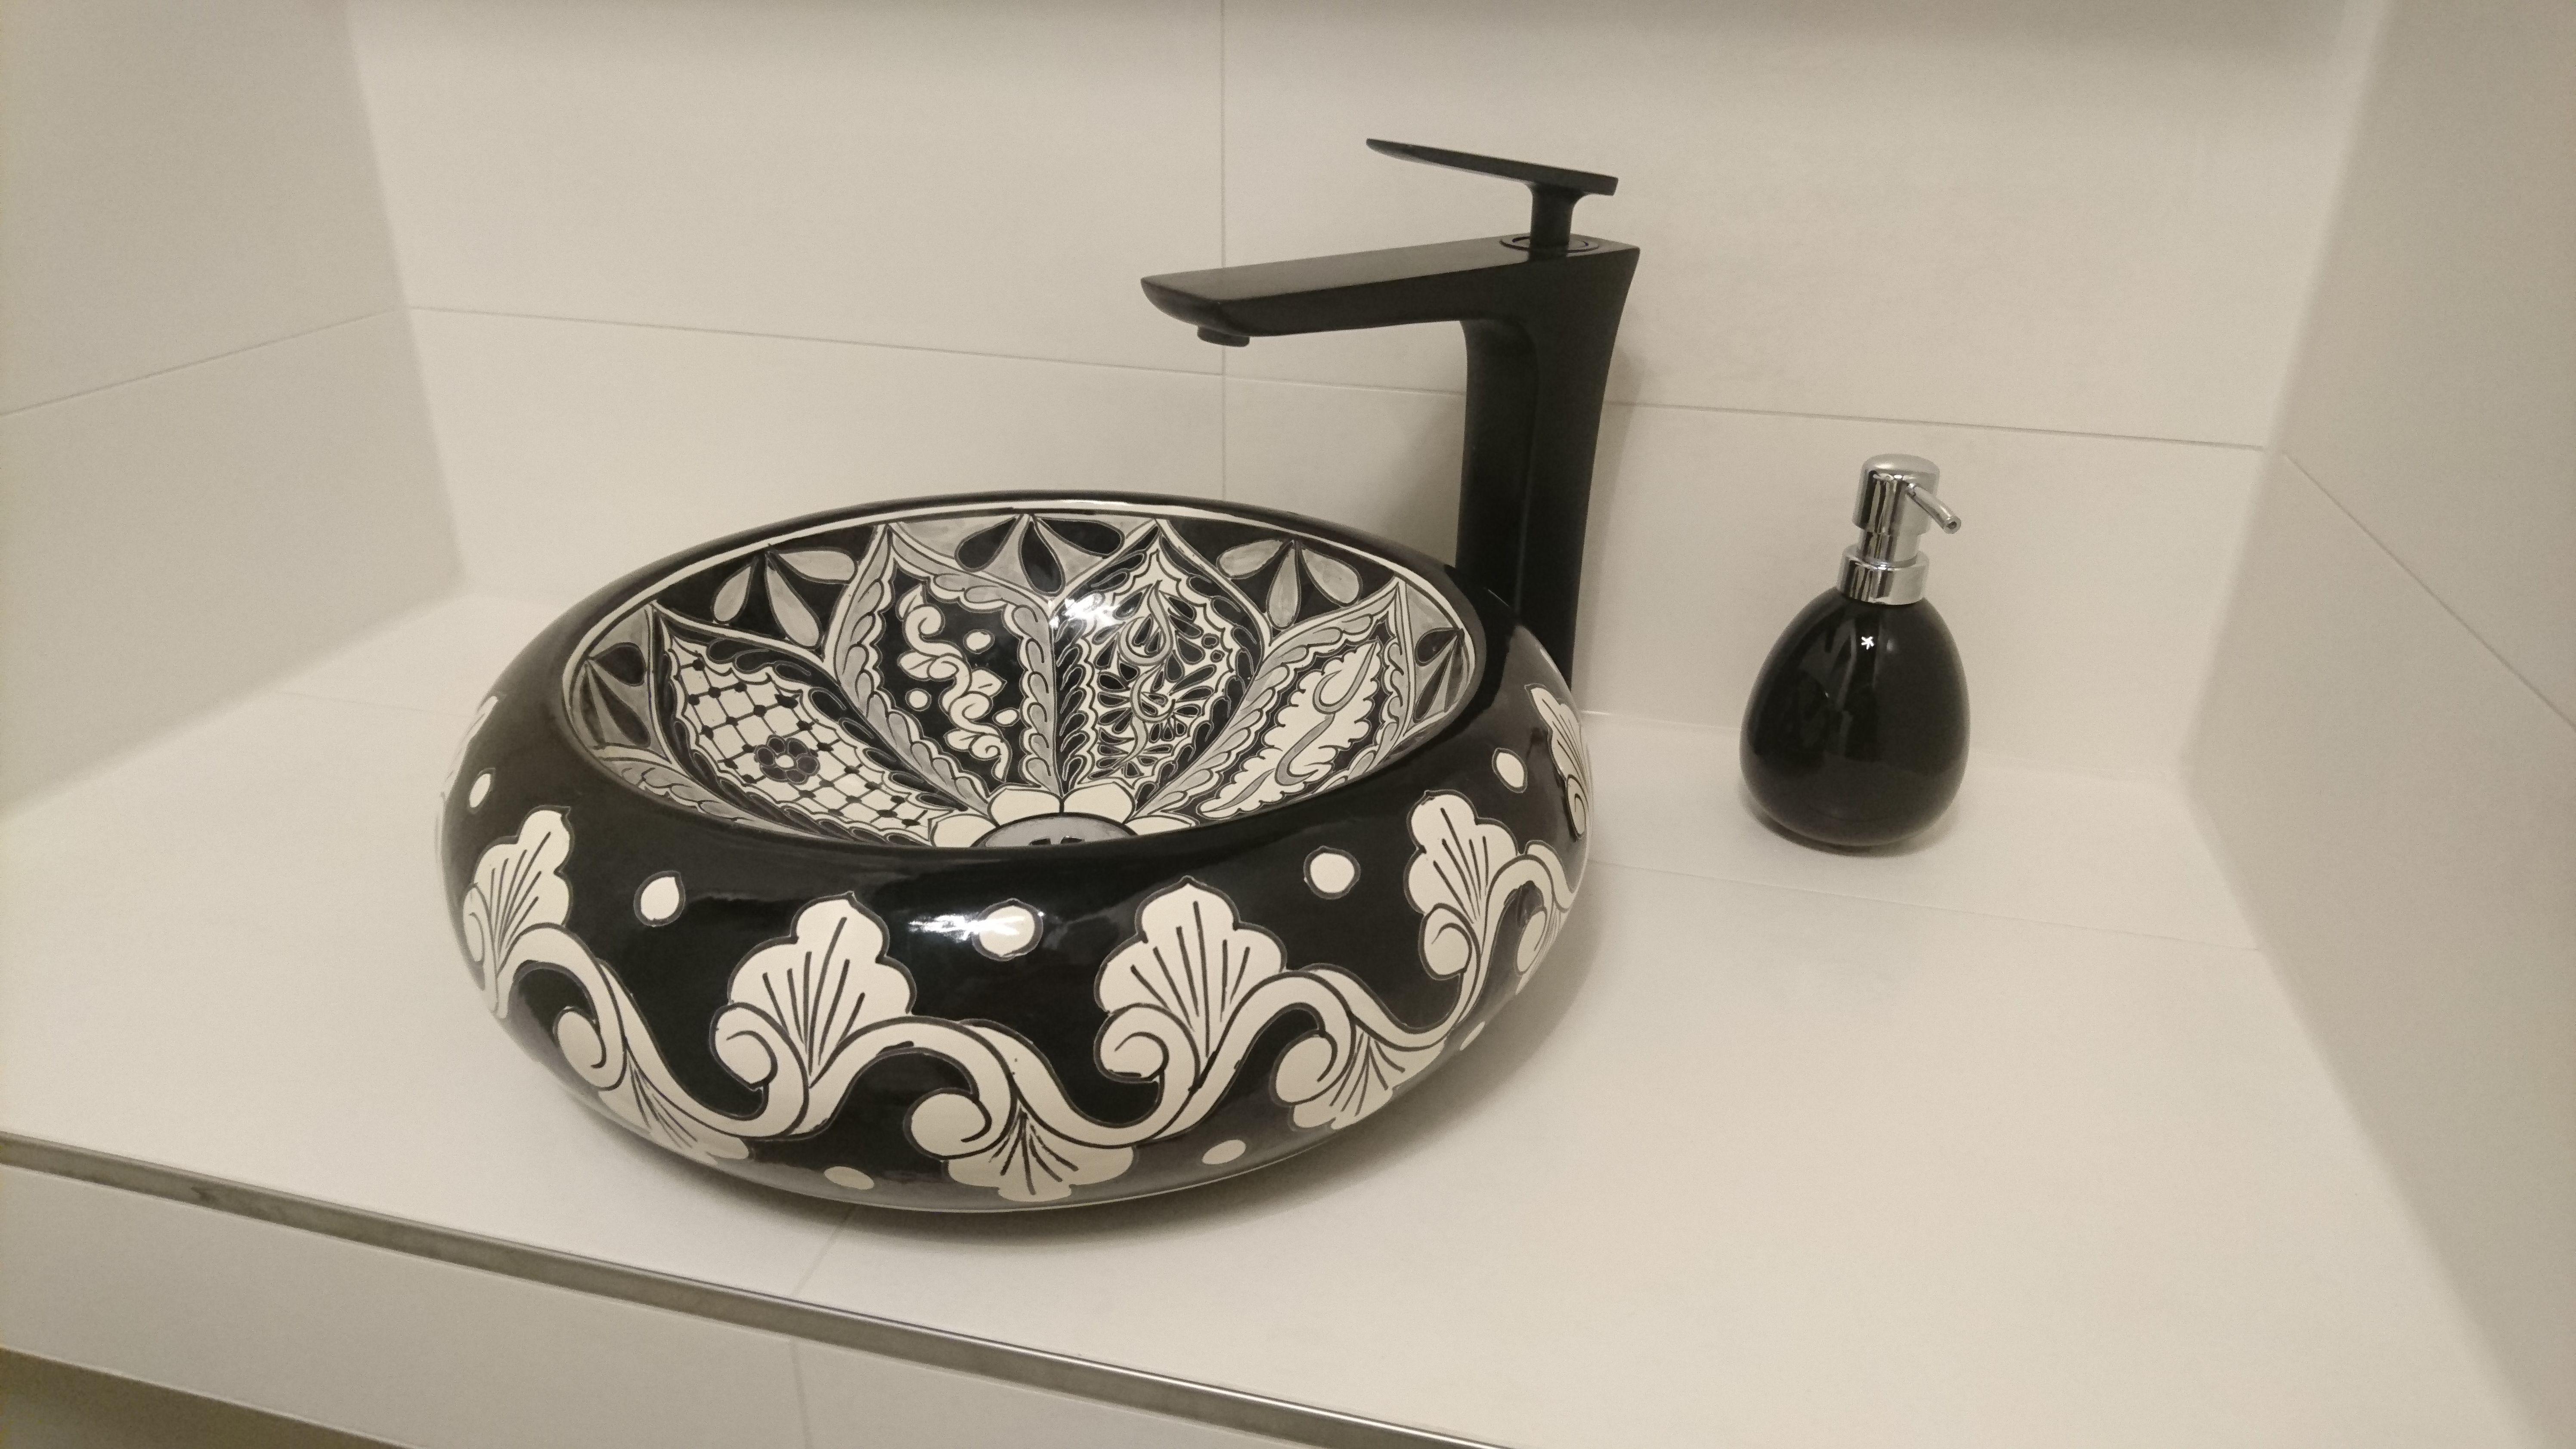 Mexikanische Waschbecken Badezimmer Ideen Bunte Talavera